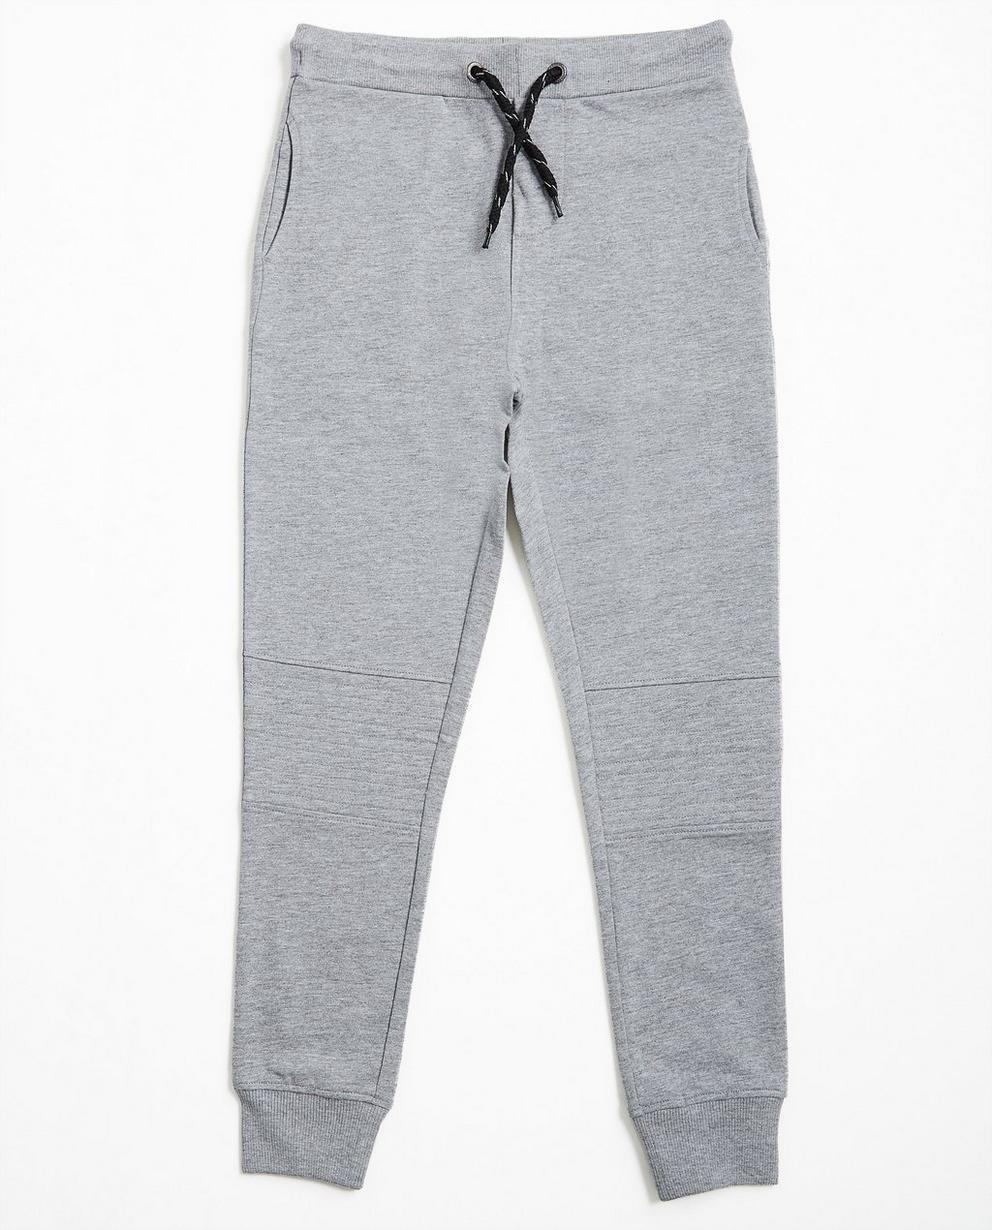 Pantalon molletonné gris - avec chevilles étroites - JBC